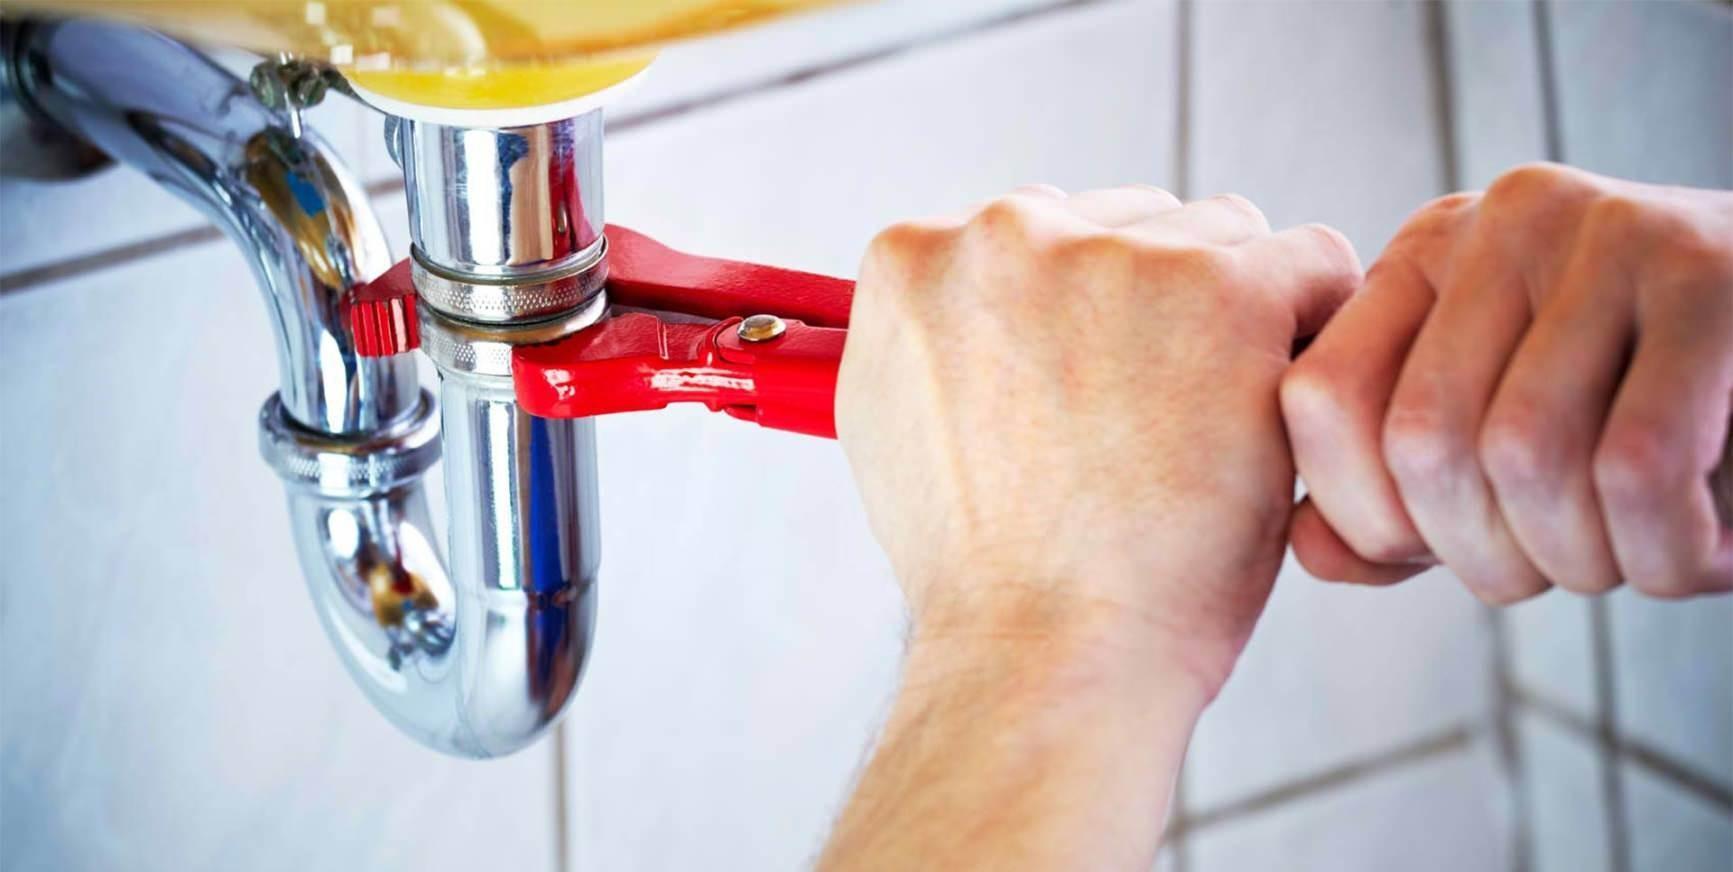 Rifare Impianto Idraulico Casa idraulico salvatore firenze – offerta: sconto del 20% su